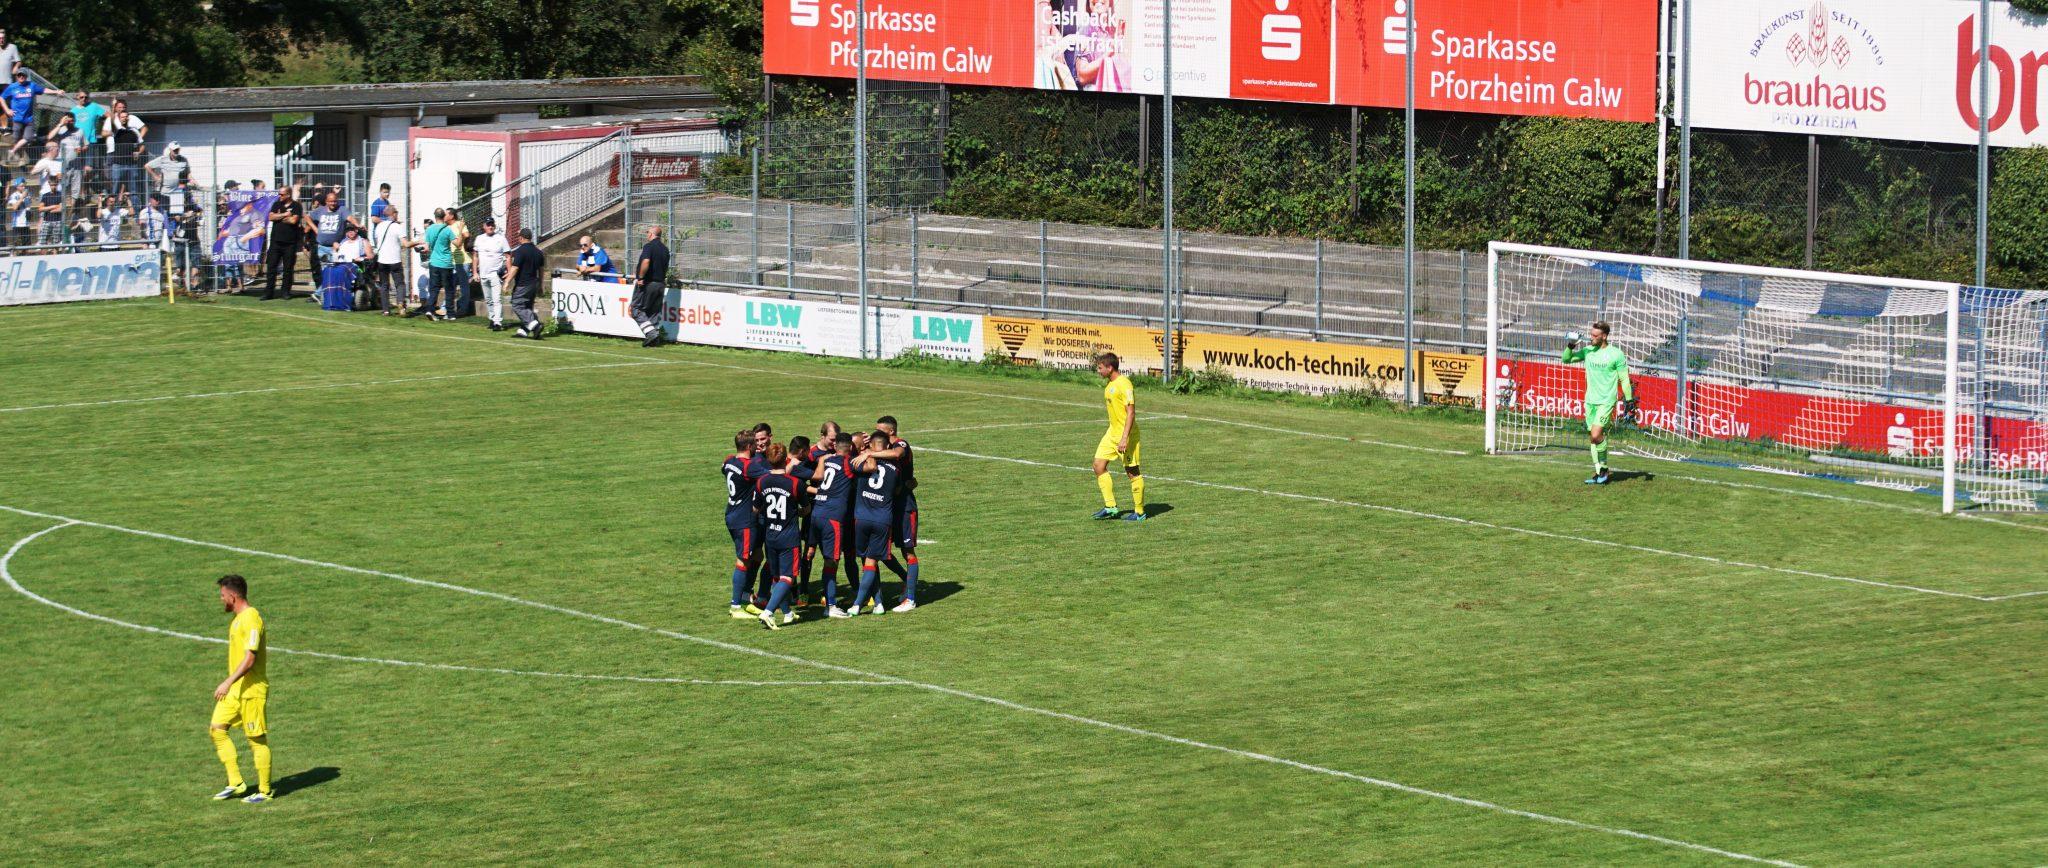 Der 1. CfR gewinnt gegen die Stuttgarter Kickers